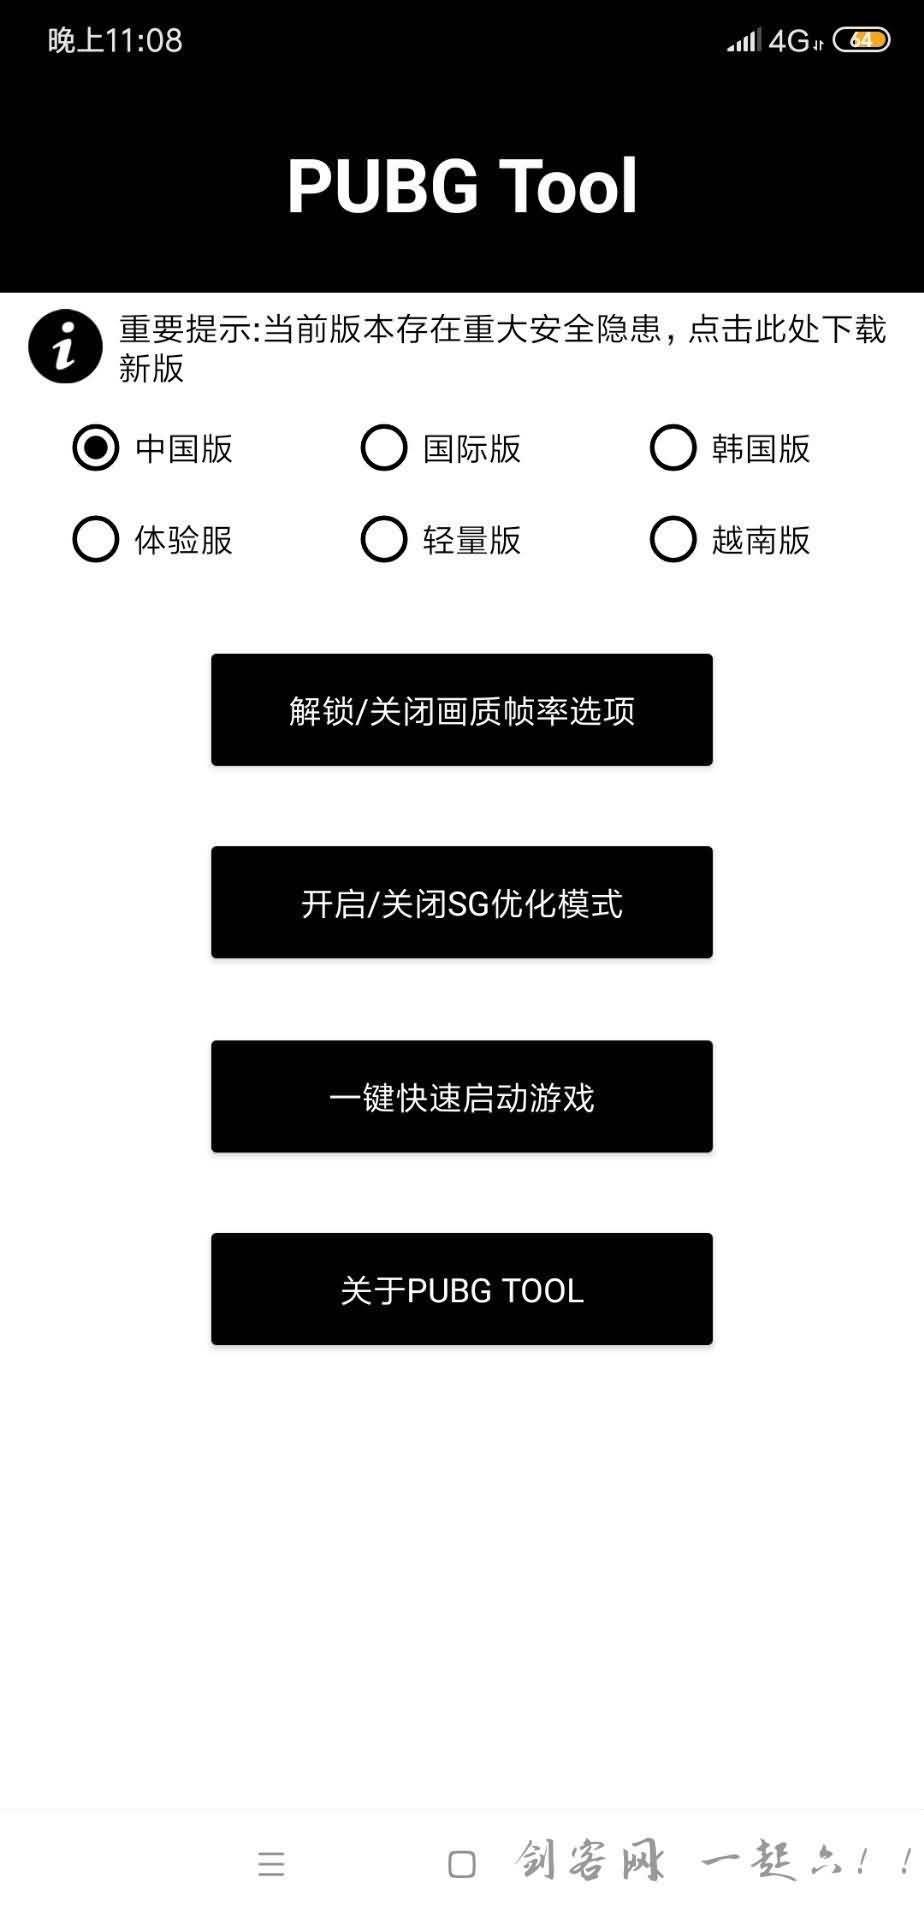 安卓PUBG Tool(优化刺激战场,更好的游戏体验)